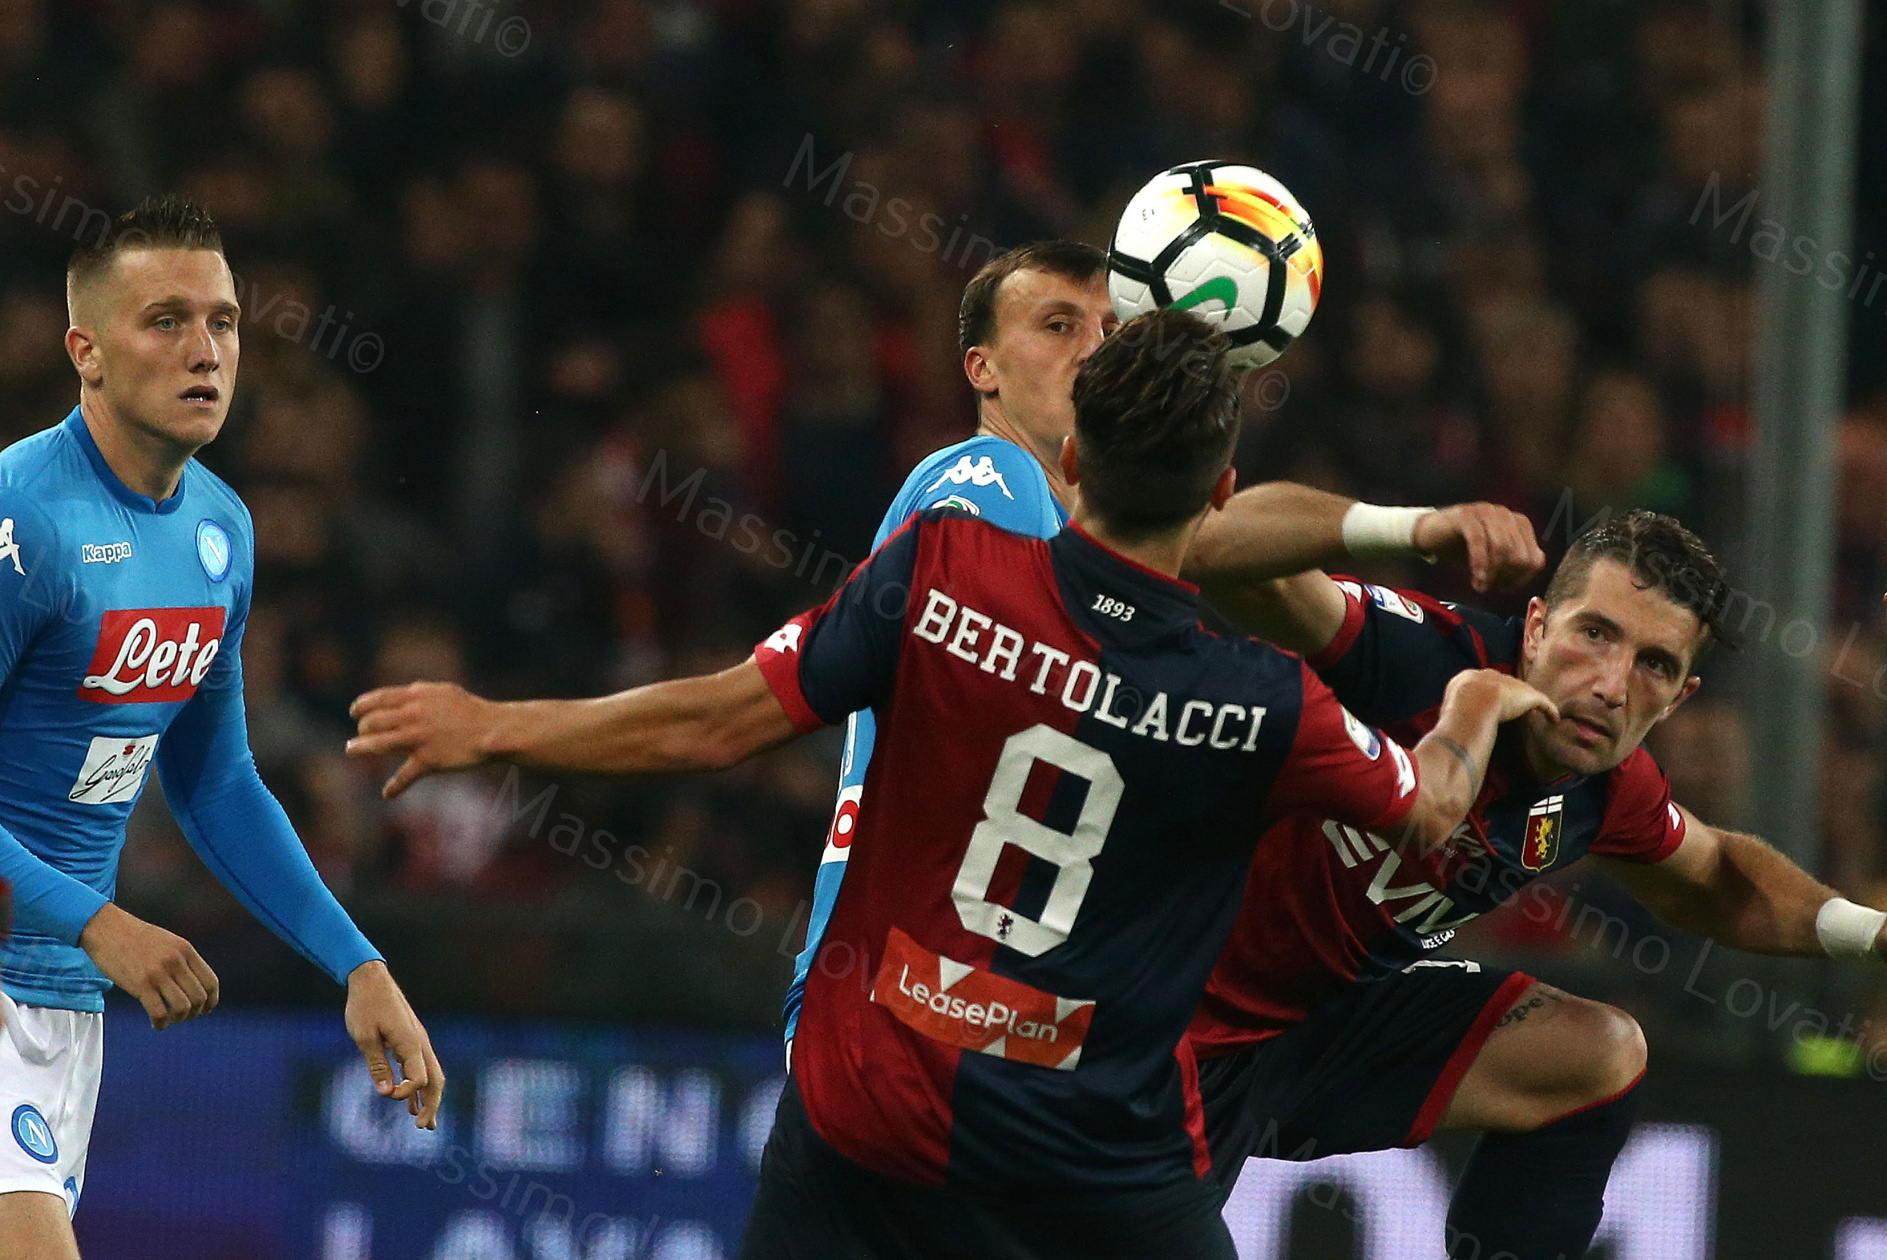 25/10/2017, Genova , Campionato di Calcio Serie A, Genoa - Napoli, nella foto Chiriches